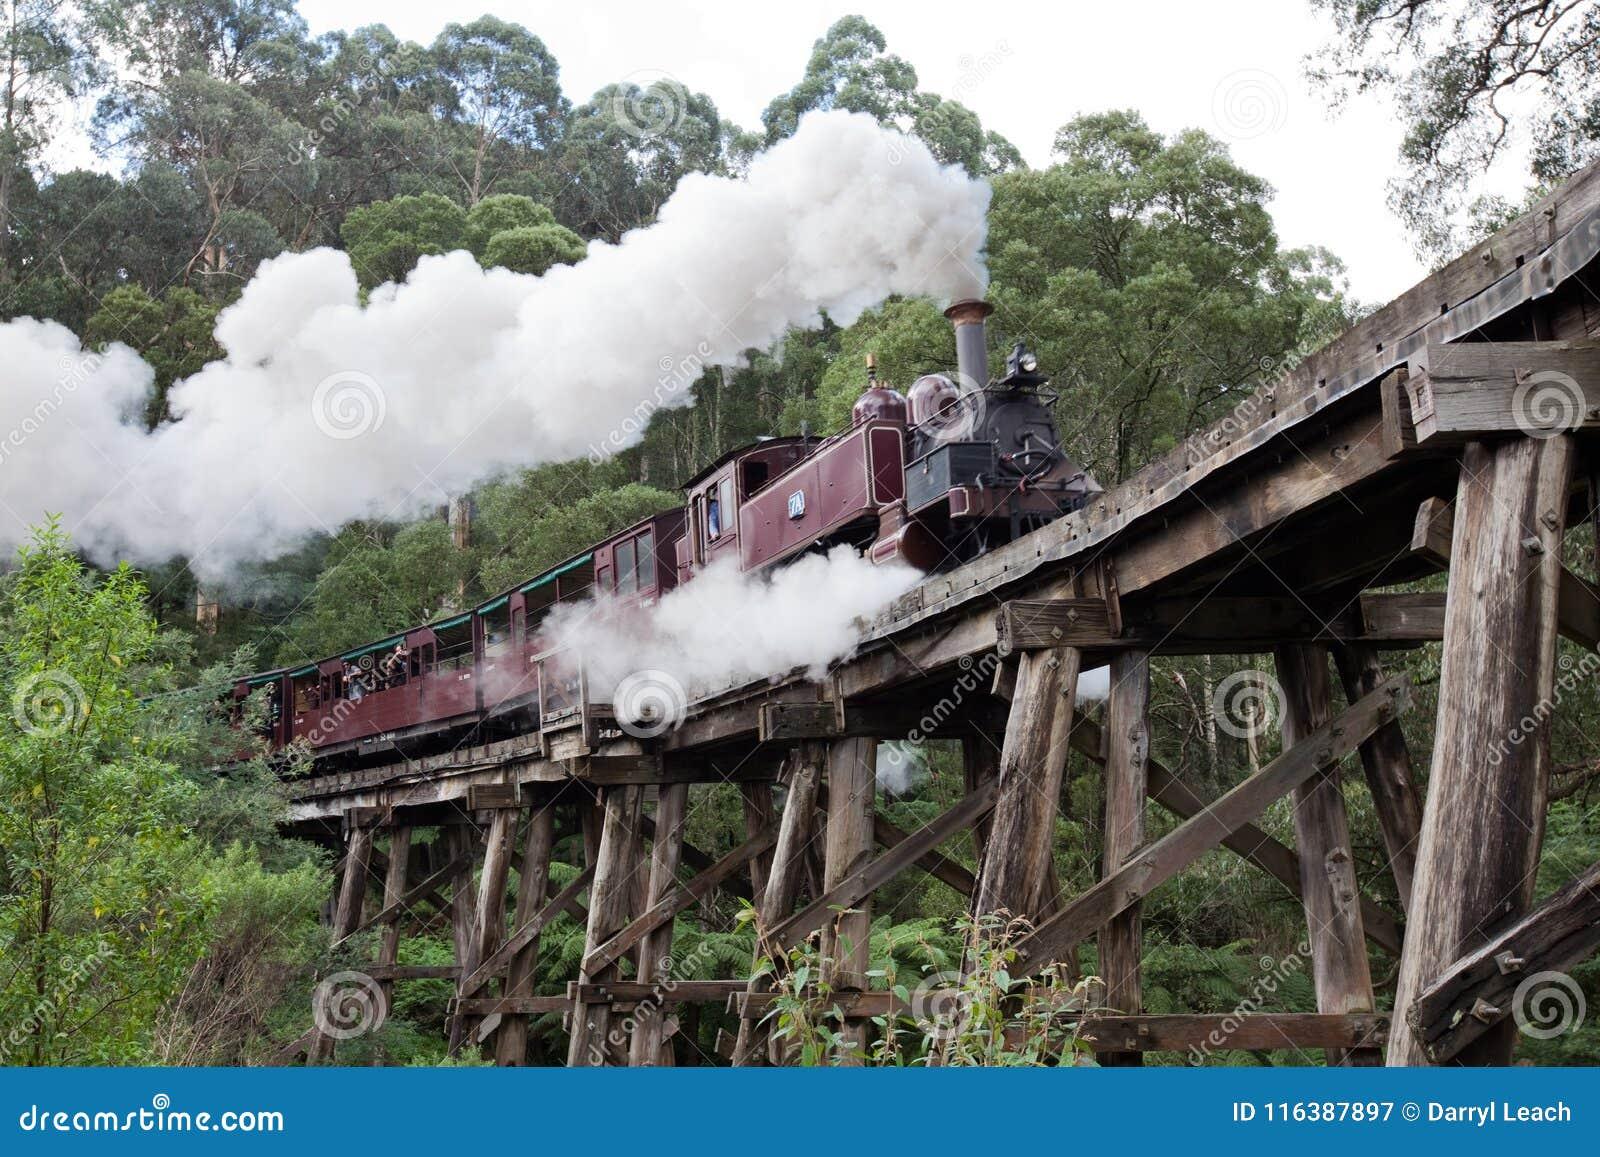 Ikonenhafte ziehende Billy Steam Train auf der Bockbrücke im Th